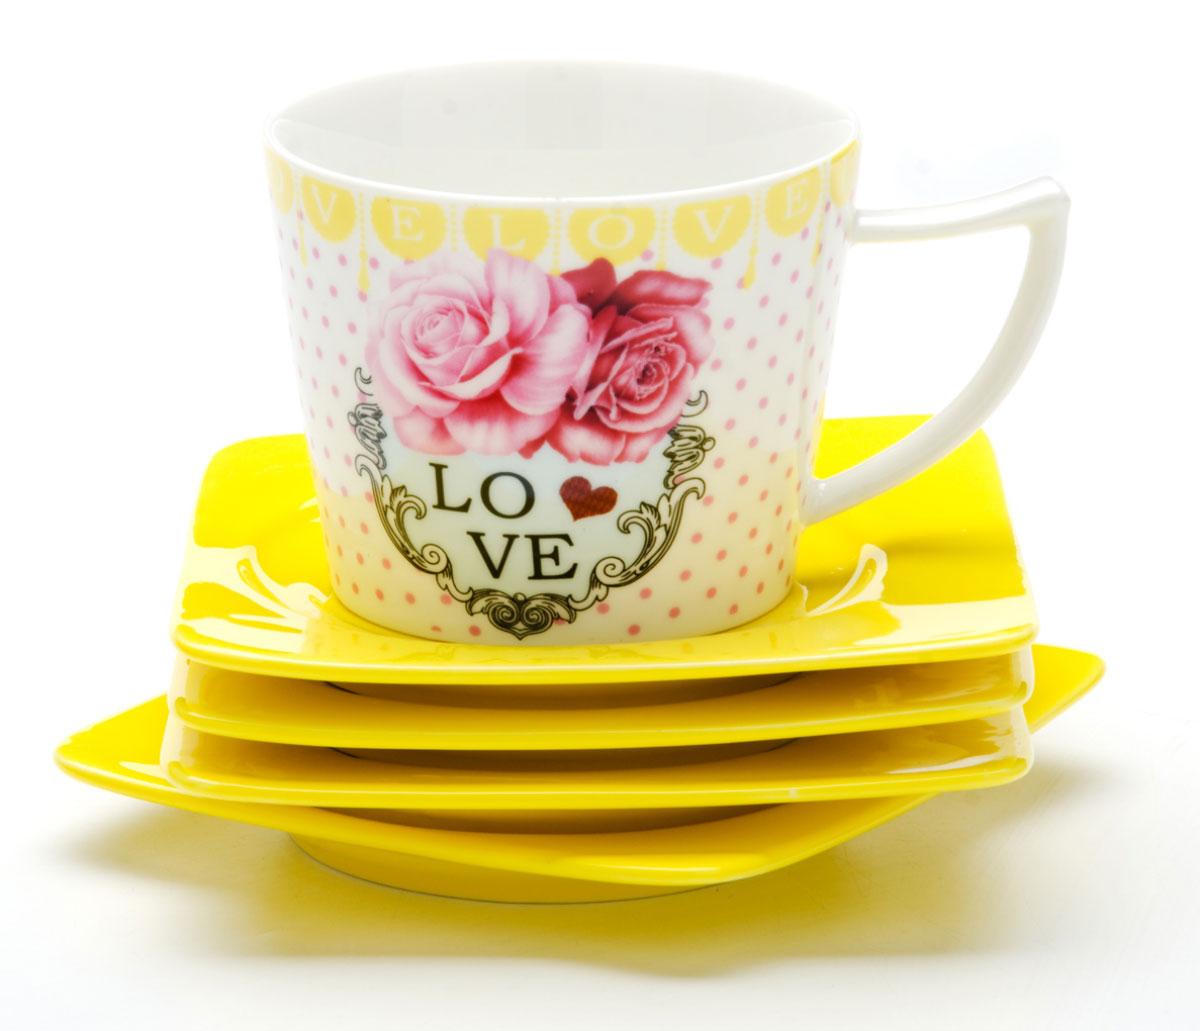 Набор кофейный Mayer & Boch, 12 предметов. 2471924719Кофейный набор LORAINE состоит из 6 чашек и 6 блюдец, выполненных из высококачественой керамики. Изящный дизайн придется по вкусу и ценителям классики, и тем, кто предпочитает утонченность и изысканность. Он настроит на позитивный лад и подарит хорошее настроение с самого утра. Набор упакован в стильную подарочную коробку. Внутренняя часть коробки задрапирована белой атласной тканью. Каждый предмет надежно зафиксирован внутри коробки благодаря специальным выемкам. Чайный набор - идеальный и необходимый подарок для вашего дома и для ваших друзей в праздники, юбилеи и торжества! Он также станет отличным корпоративным подарком и украшением любой кухни.